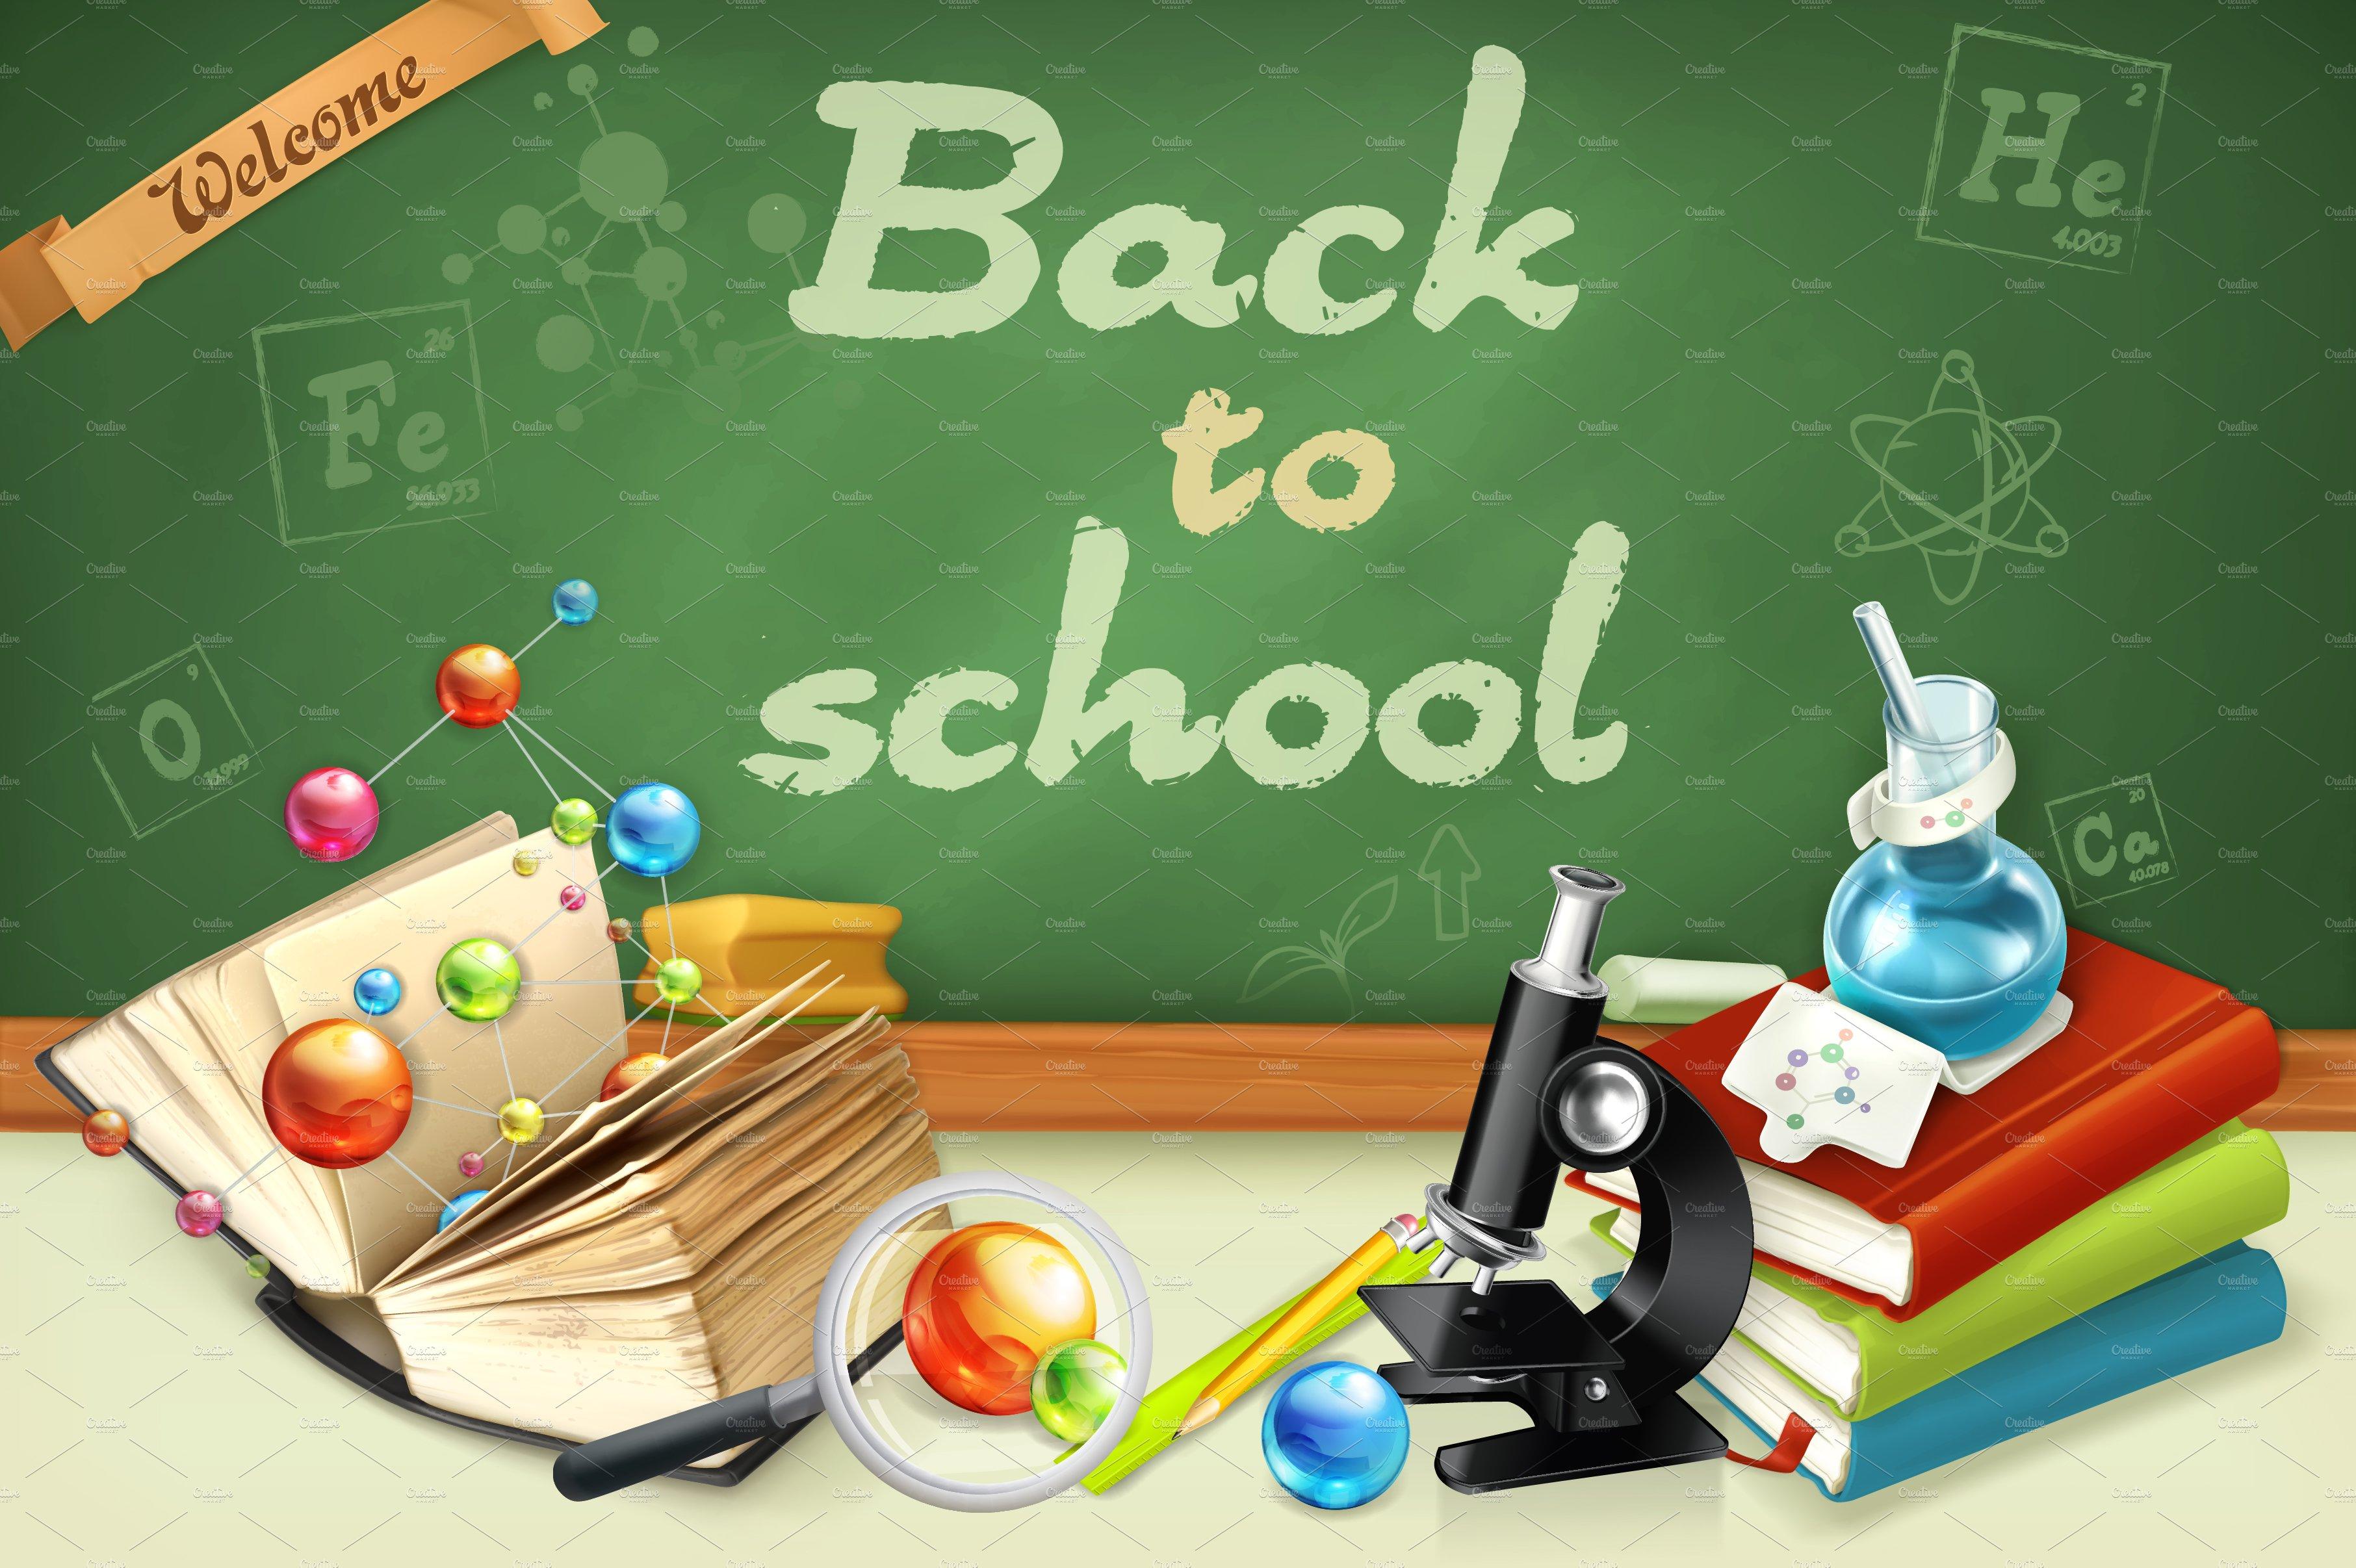 welcome back to school illustration illustrations creative market. Black Bedroom Furniture Sets. Home Design Ideas